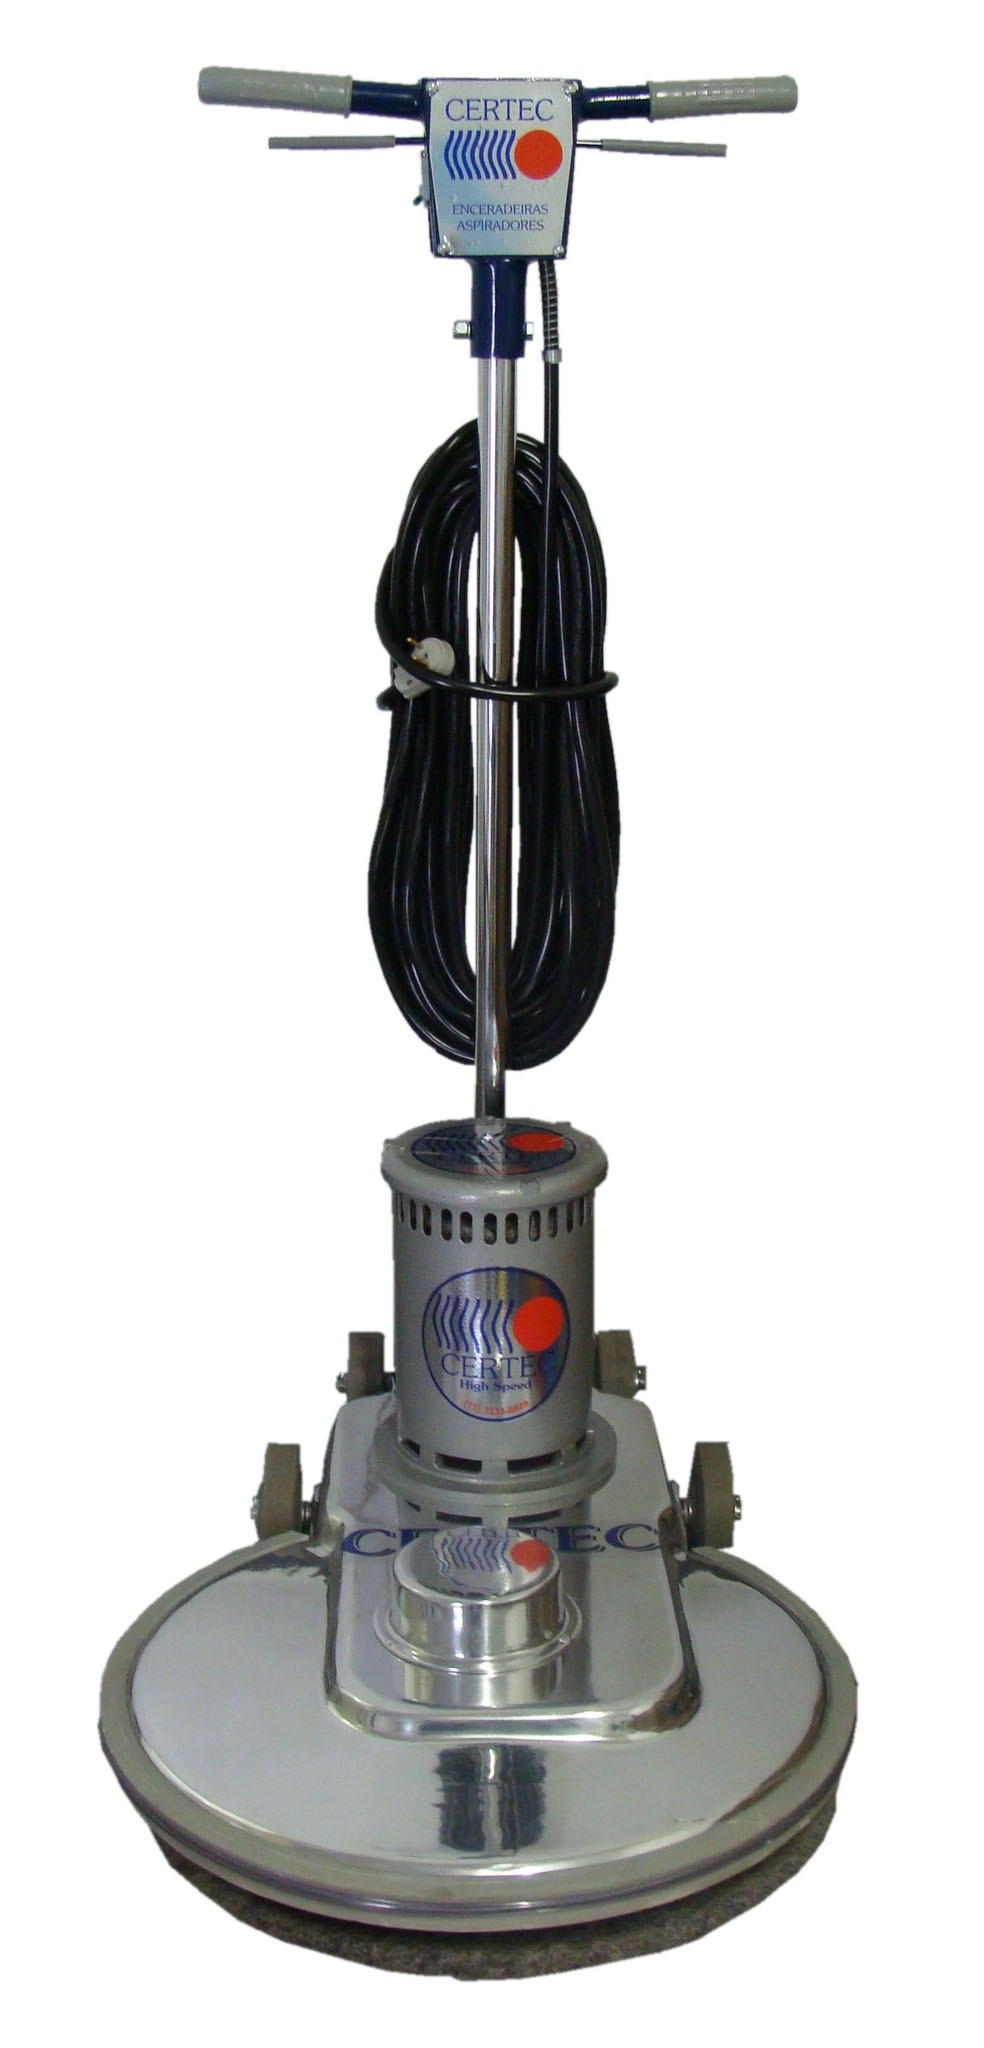 Locação POLIDORA UHS HIGH SPEED 220V 2400 RPM CERTEC